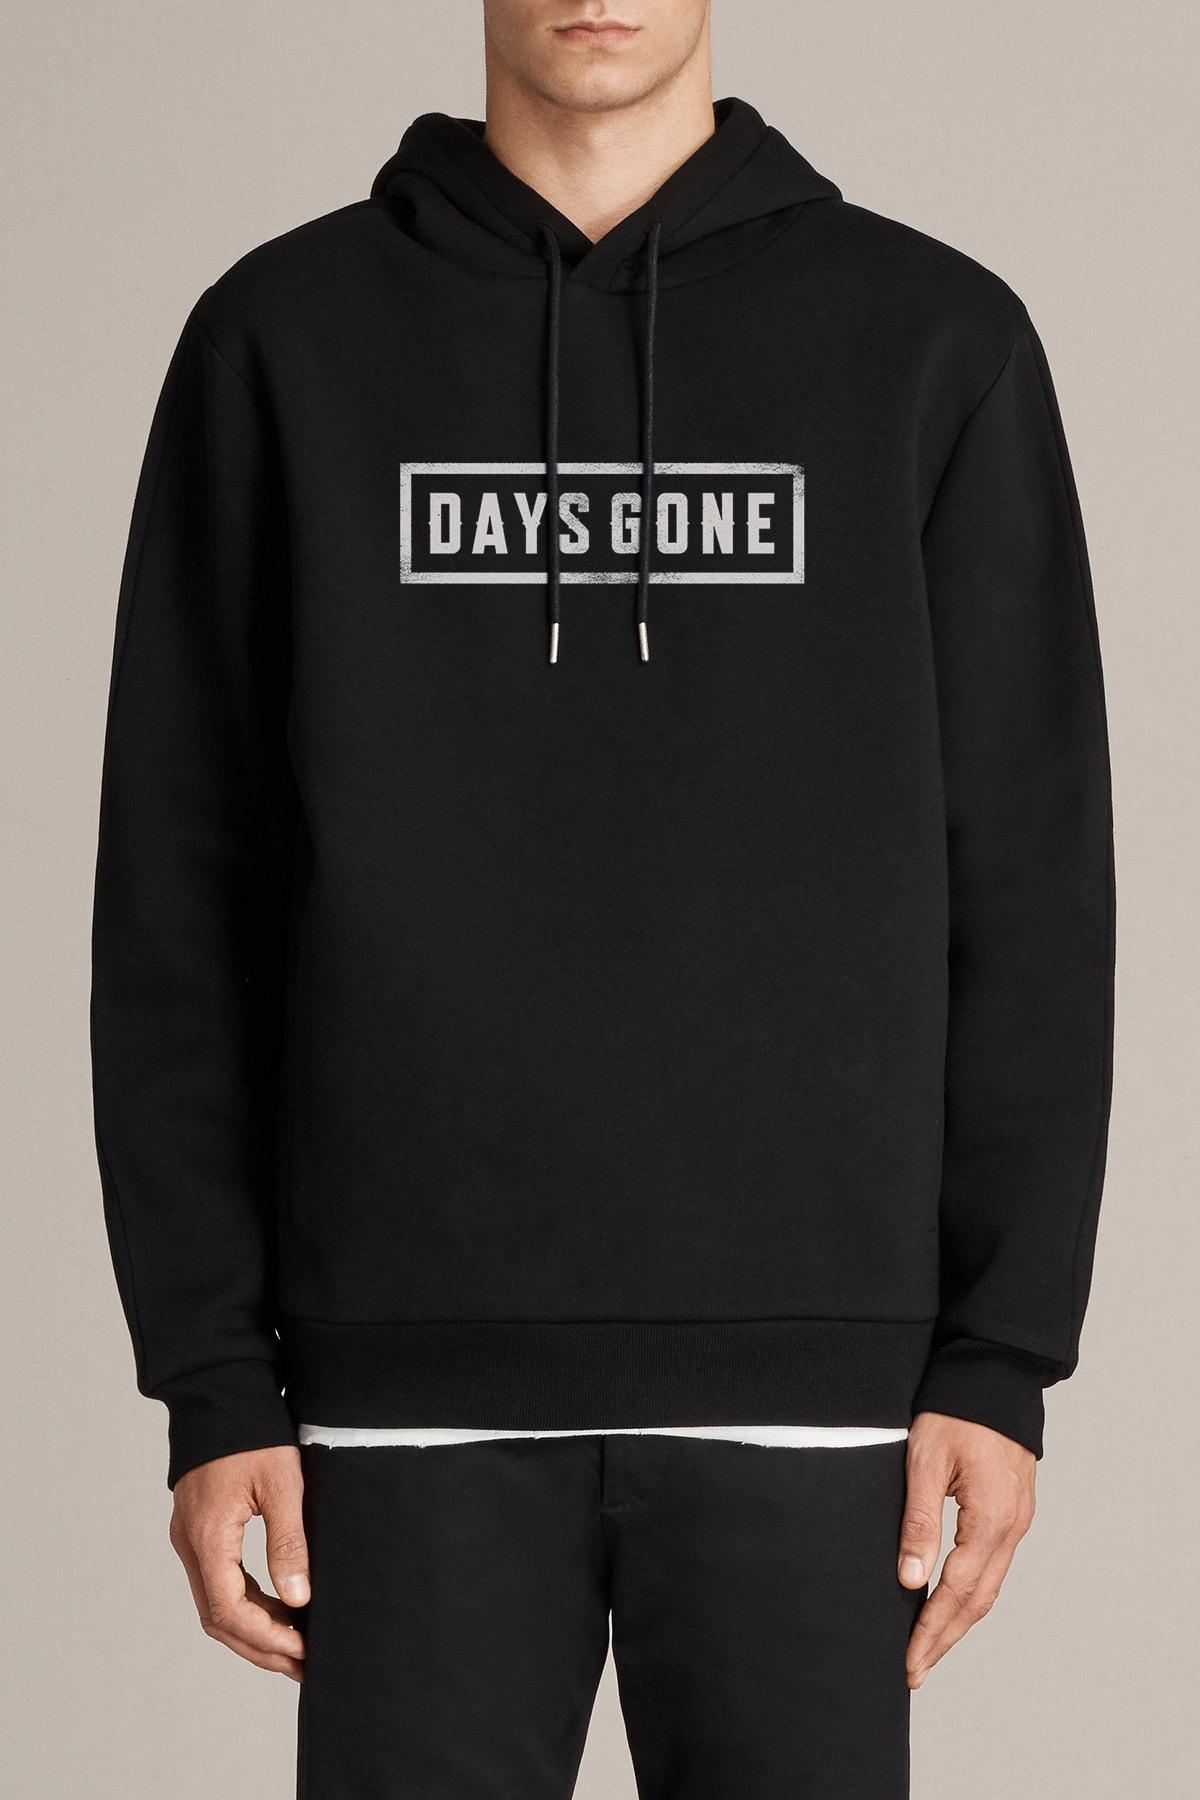 QIVI Erkek  Days Gone Logo Baskılı Siyah Örme Kapşonlu Sweatshirt Uzun Kol 1